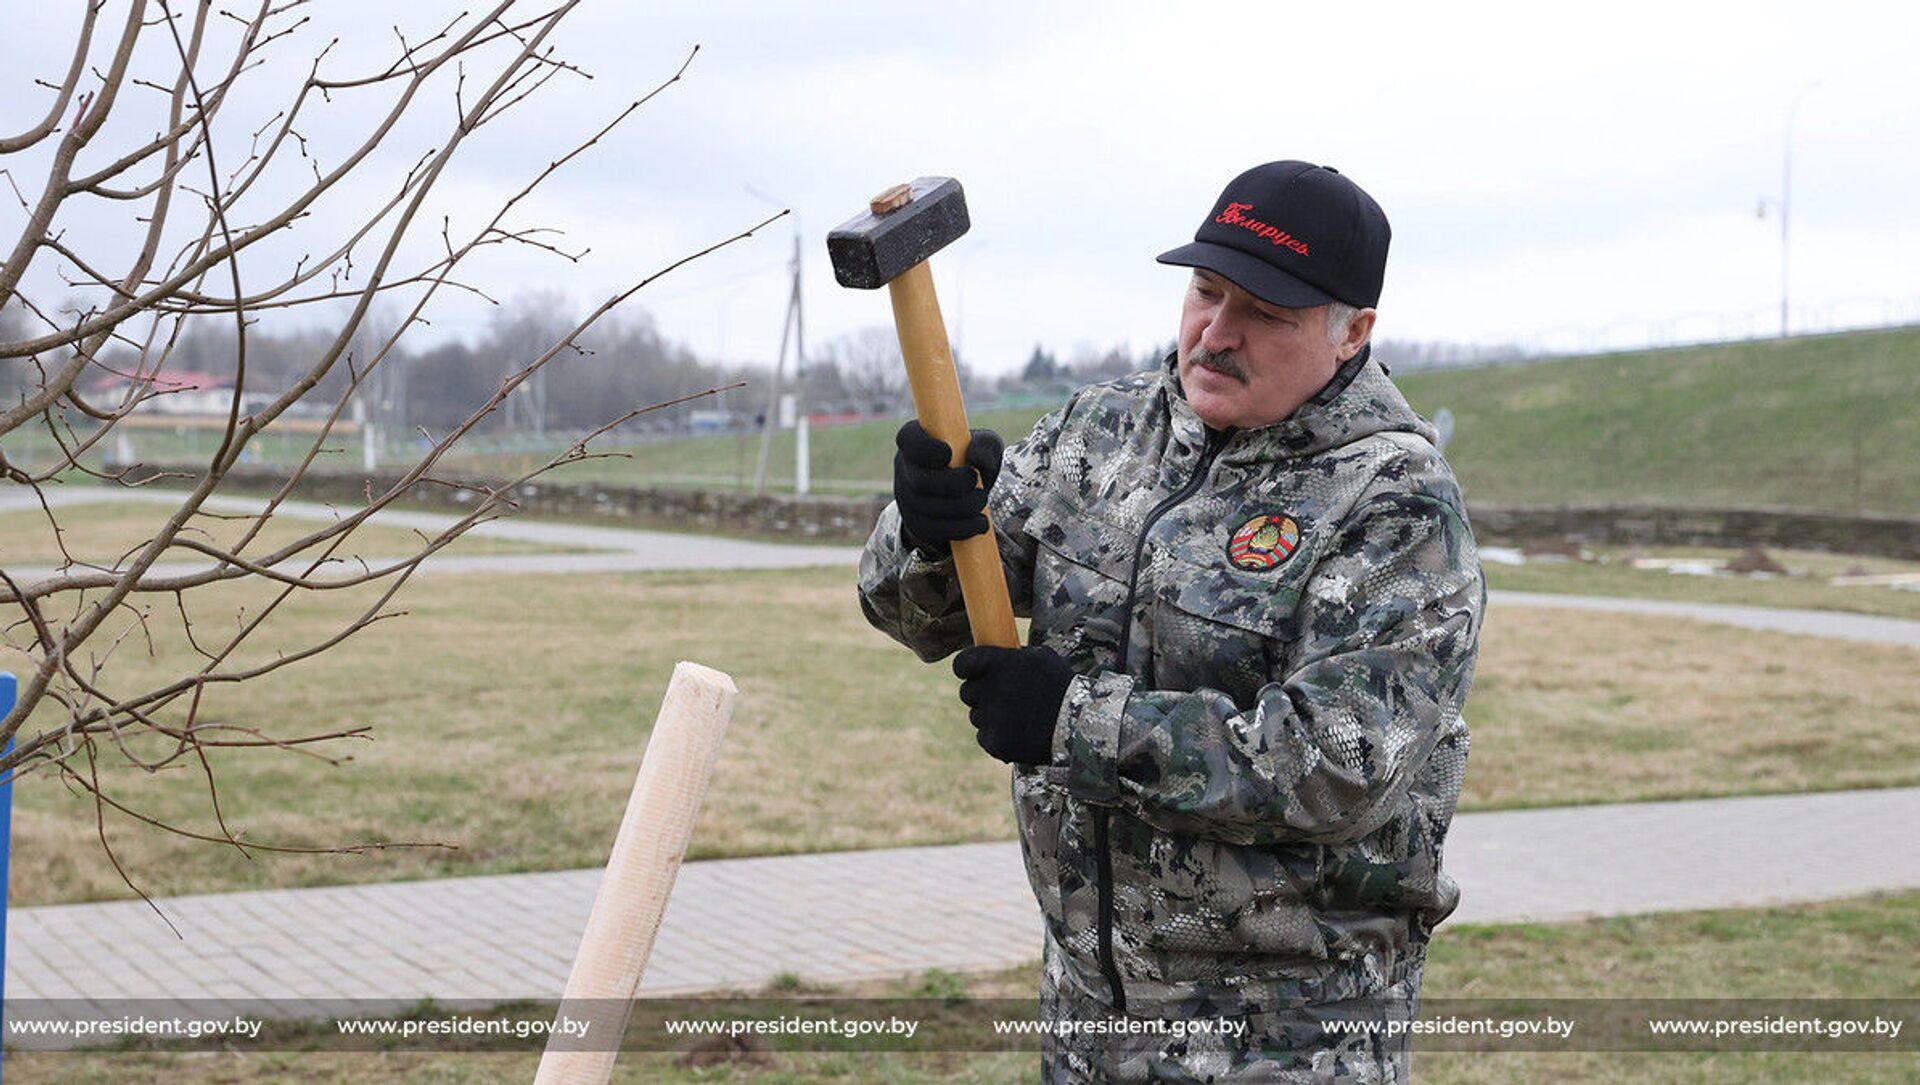 Президент Беларуси Александр Лукашенко на субботнике - Sputnik Беларусь, 1920, 17.04.2021